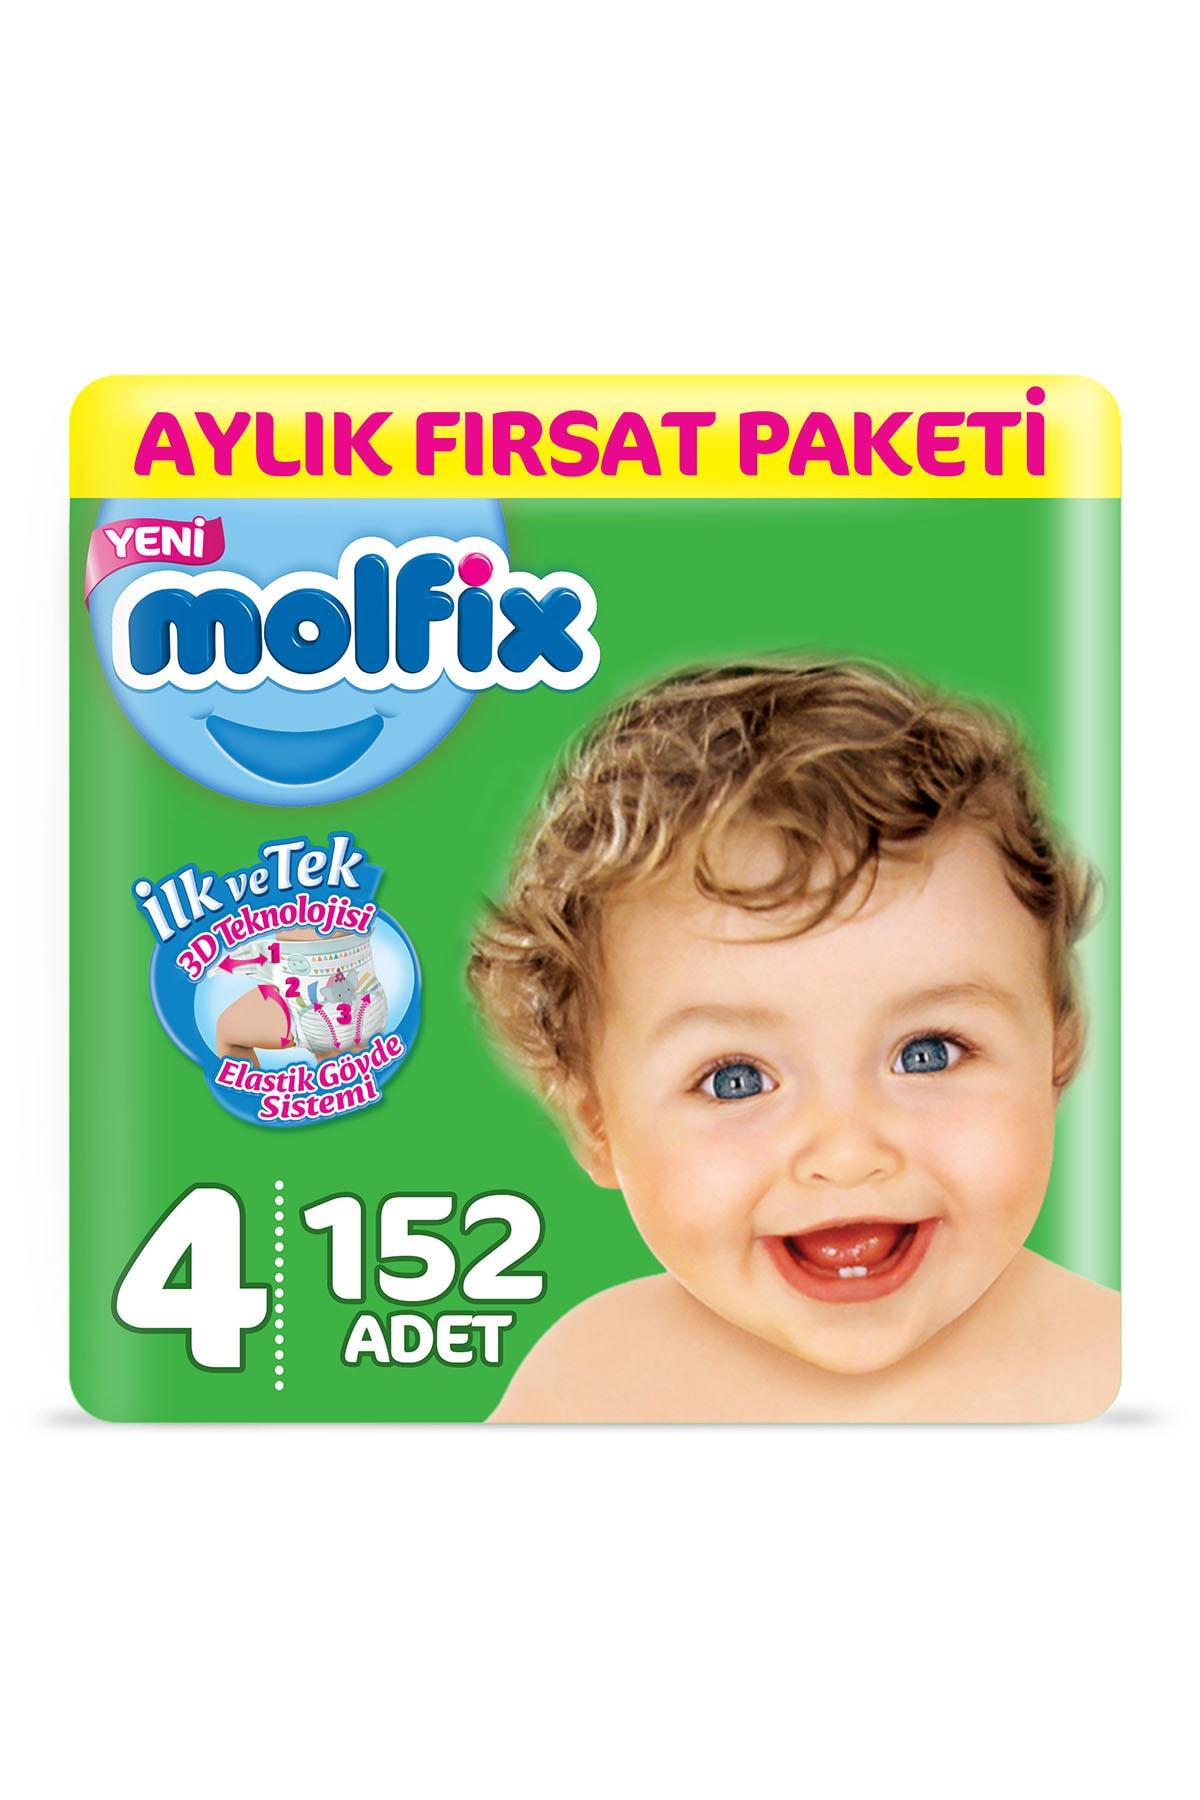 Molfix Bebek Bezi 4 Beden Maxi Aylık Fırsat Paketi 152 Adet 1